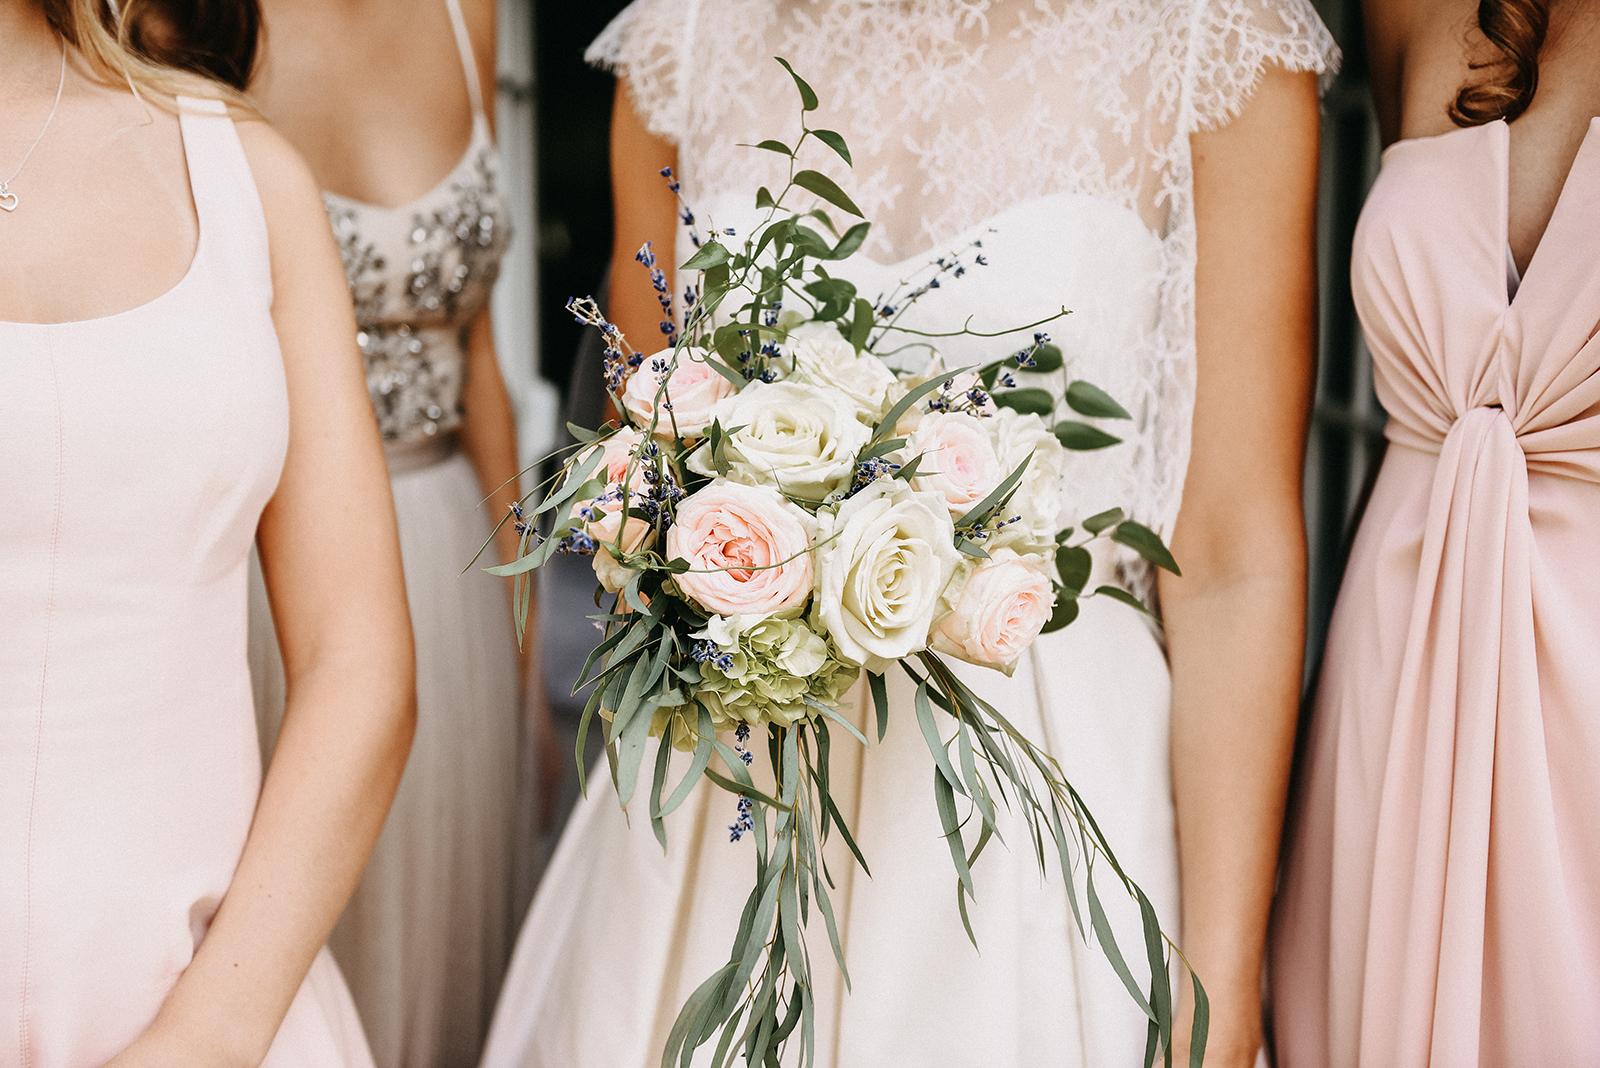 Ein wundervoller Brautstrauss mit Pfingsrosen und Eukalyptus